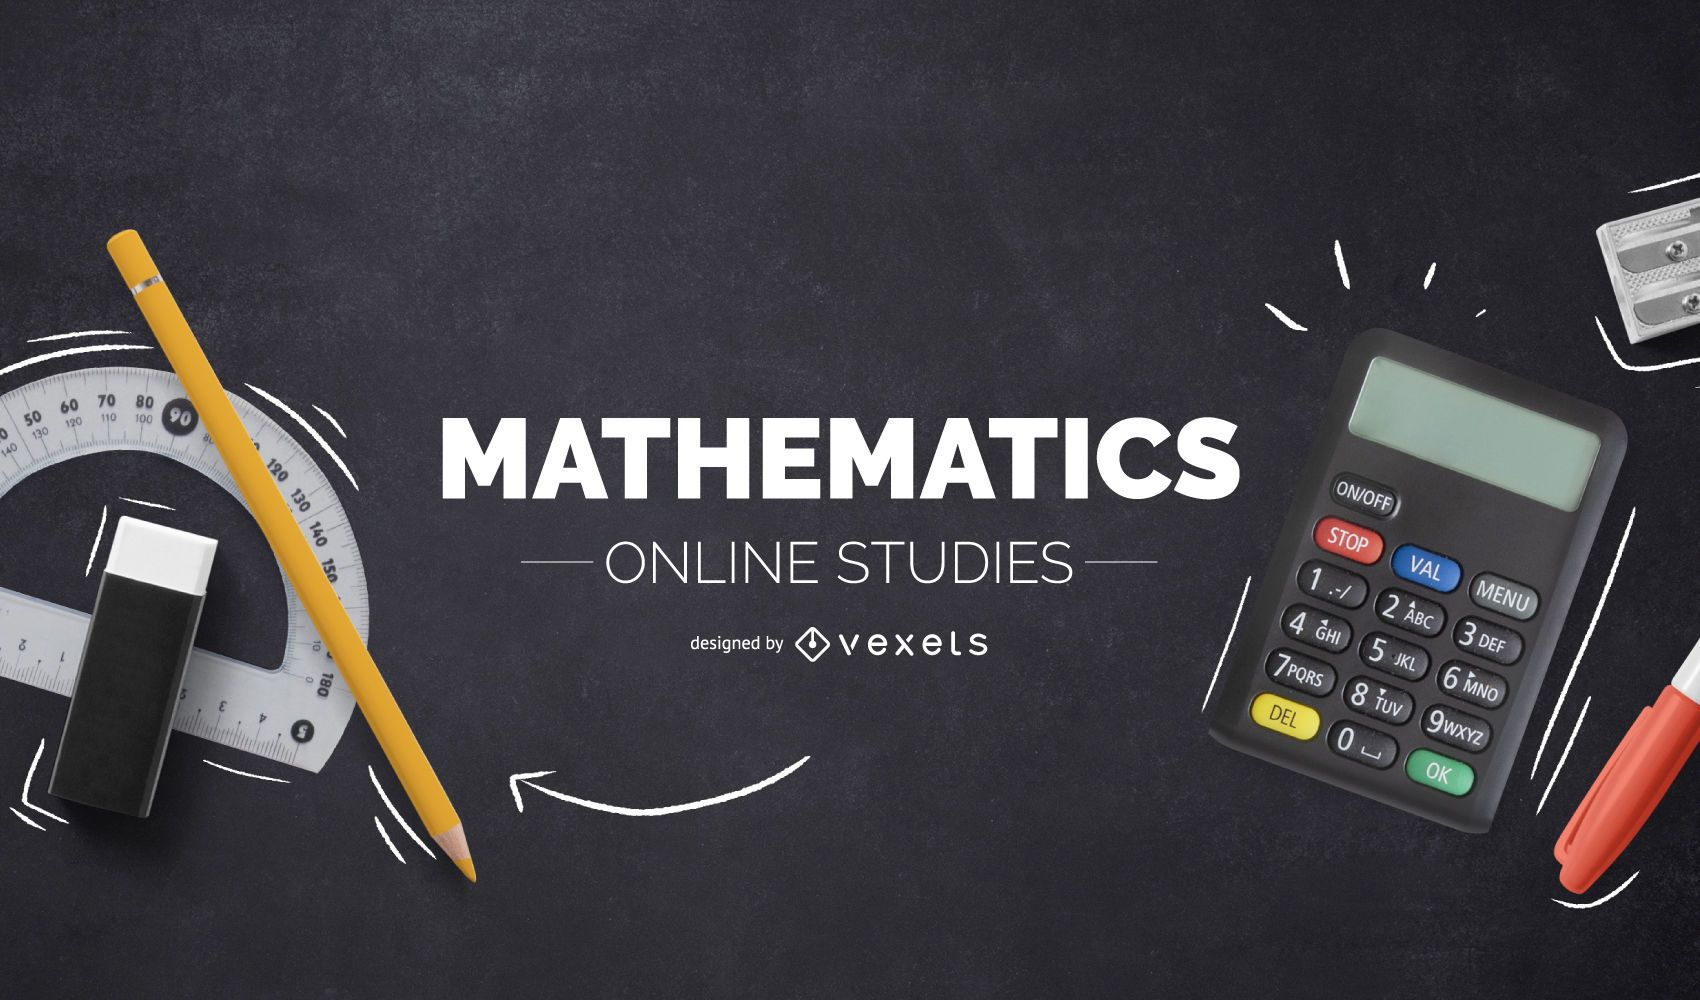 Online-Mathematikstudien decken Design ab